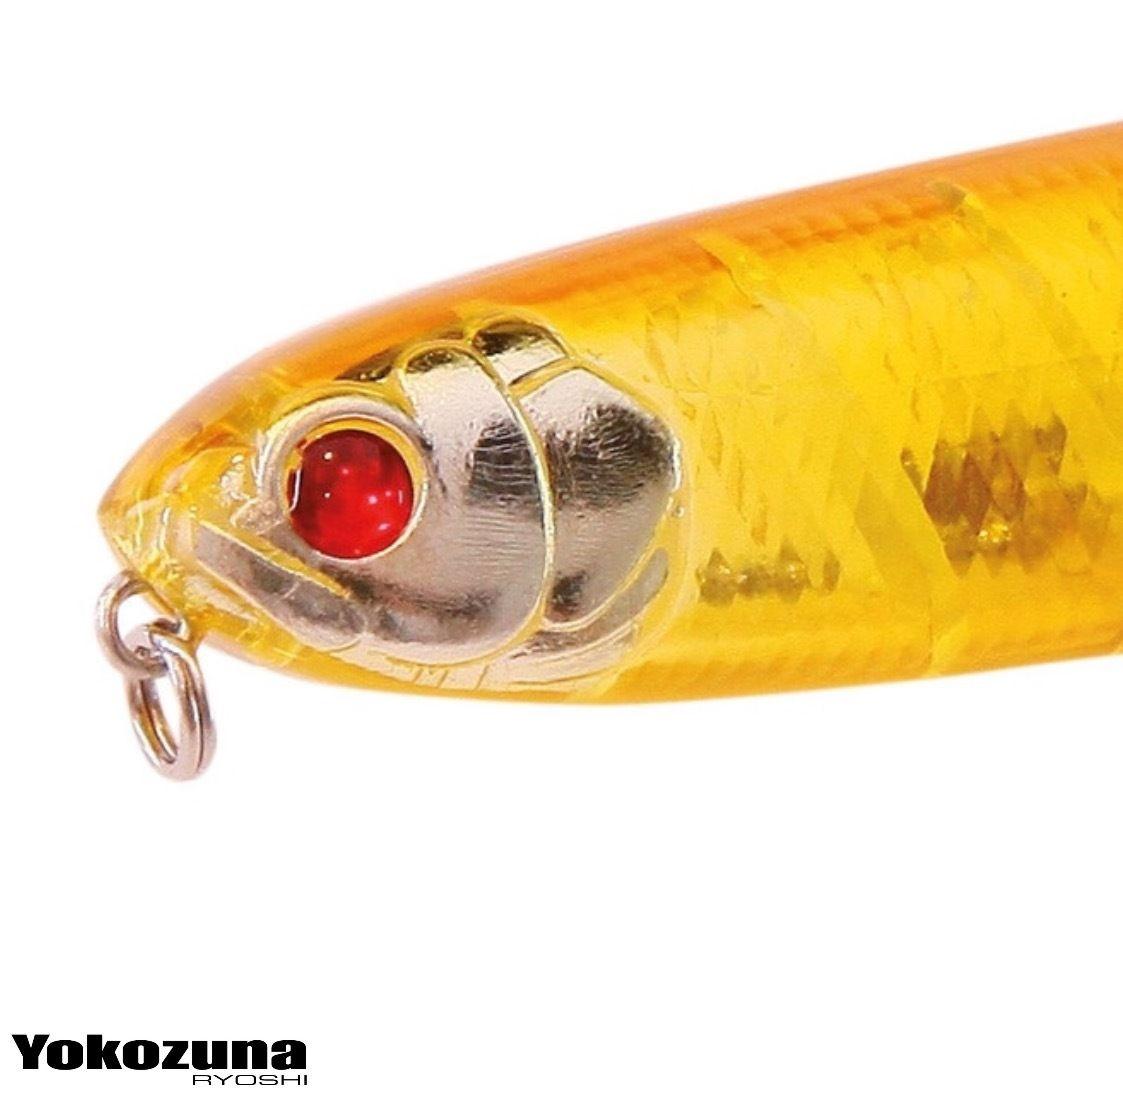 Topwater Floating Spinning Lure Yokozuna Ryoshi Shibasu 105Mm//17G